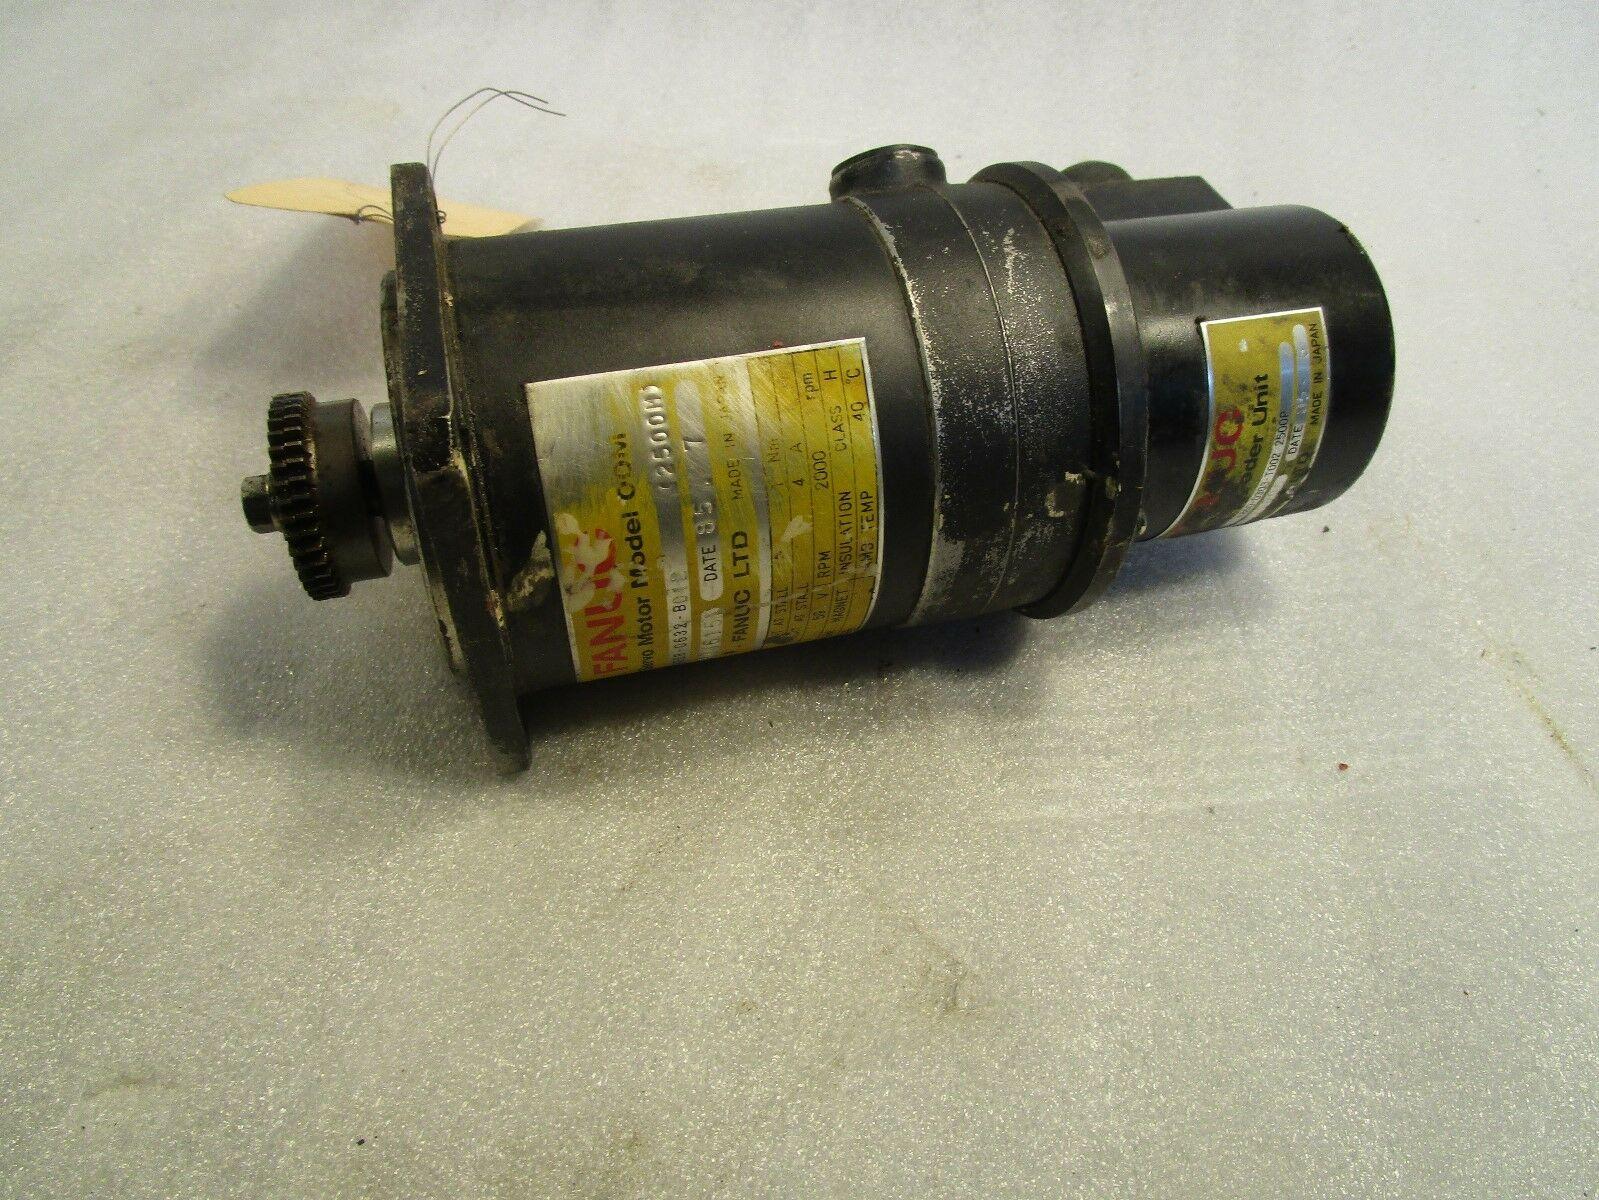 Fanuc DC Servo Motor A06B-0632-B-12 with A860-0303-T002-2500P encoder Miyano